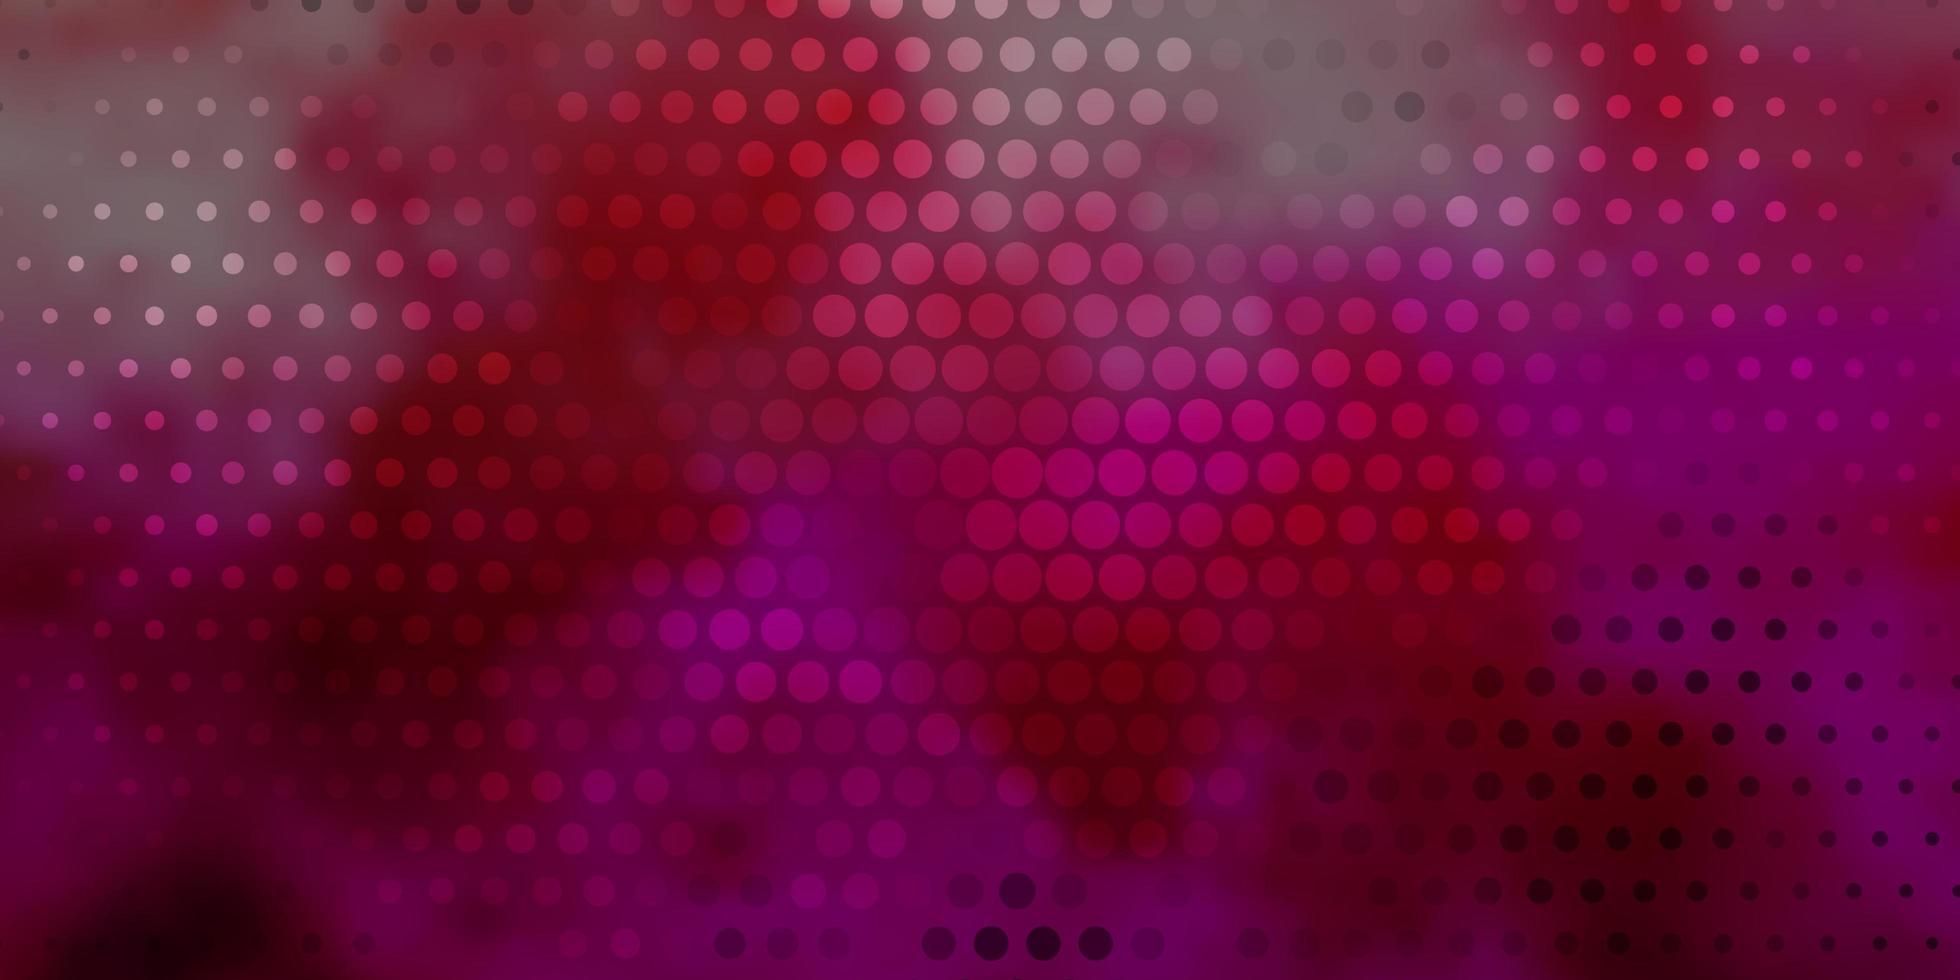 dunkelrosa Vektorbeschaffenheit mit Kreisen. vektor